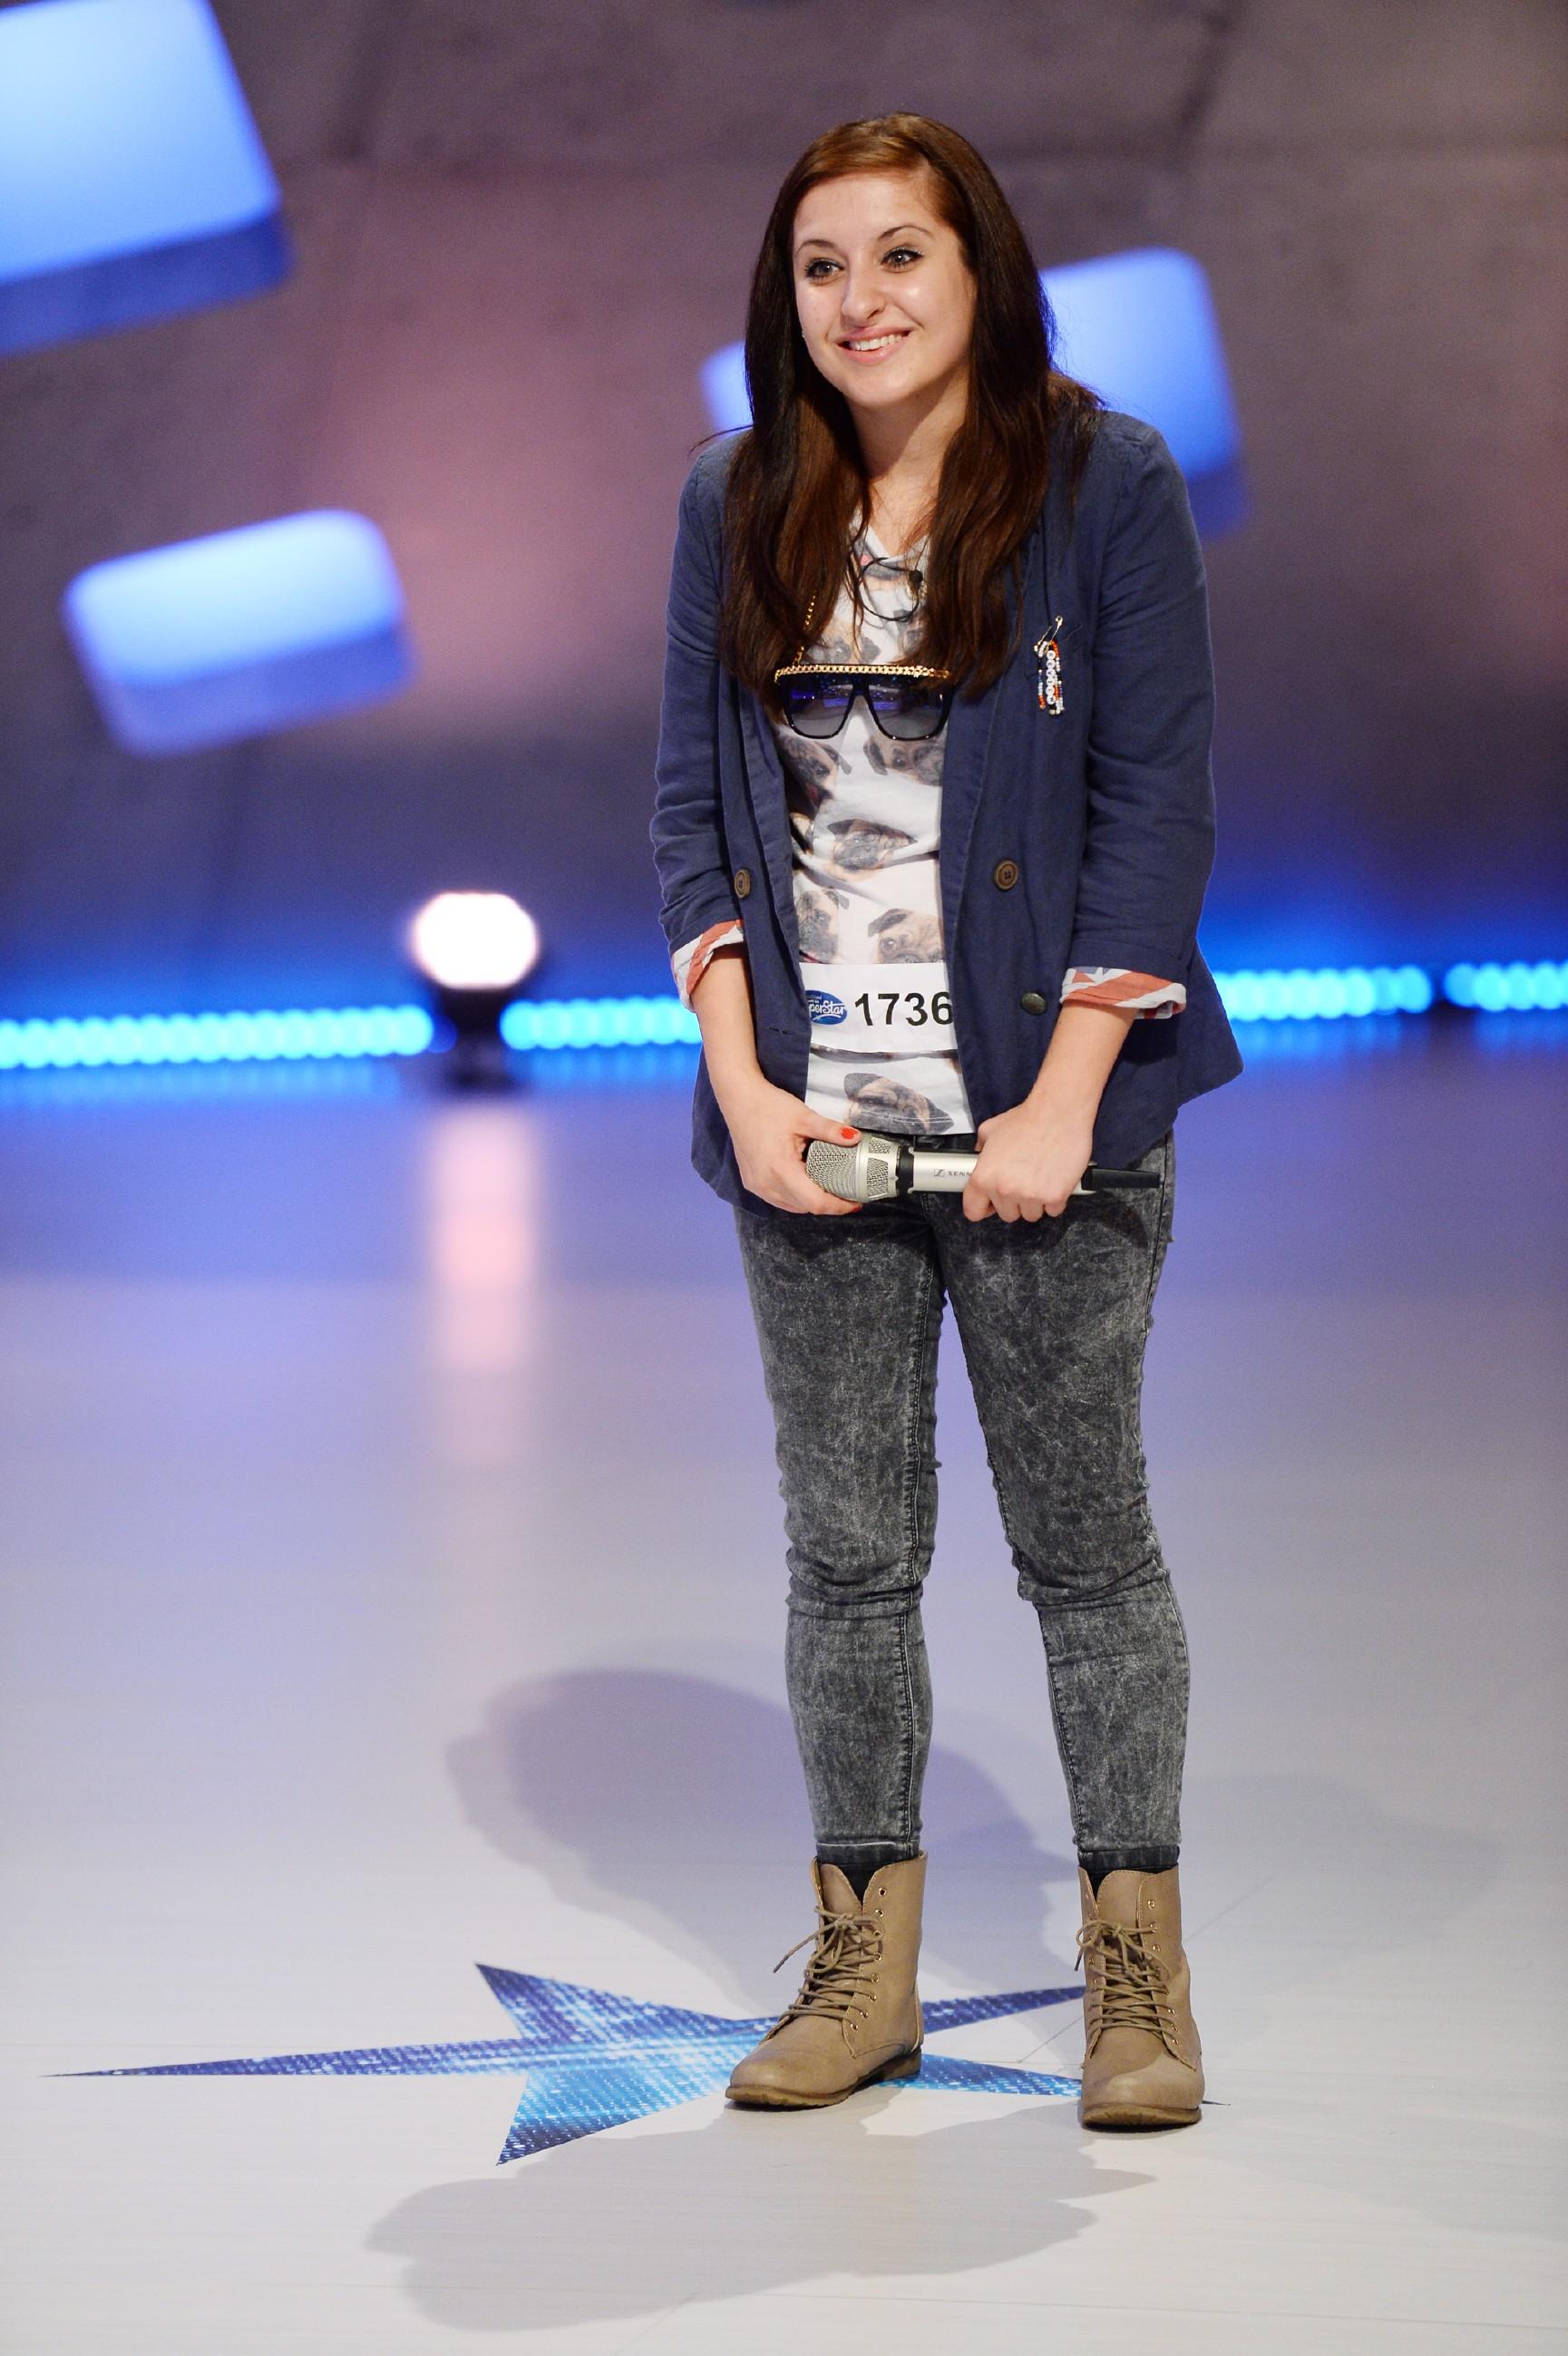 DSDS 2015 Casting 5 - Gabi Grübert aus Julbach